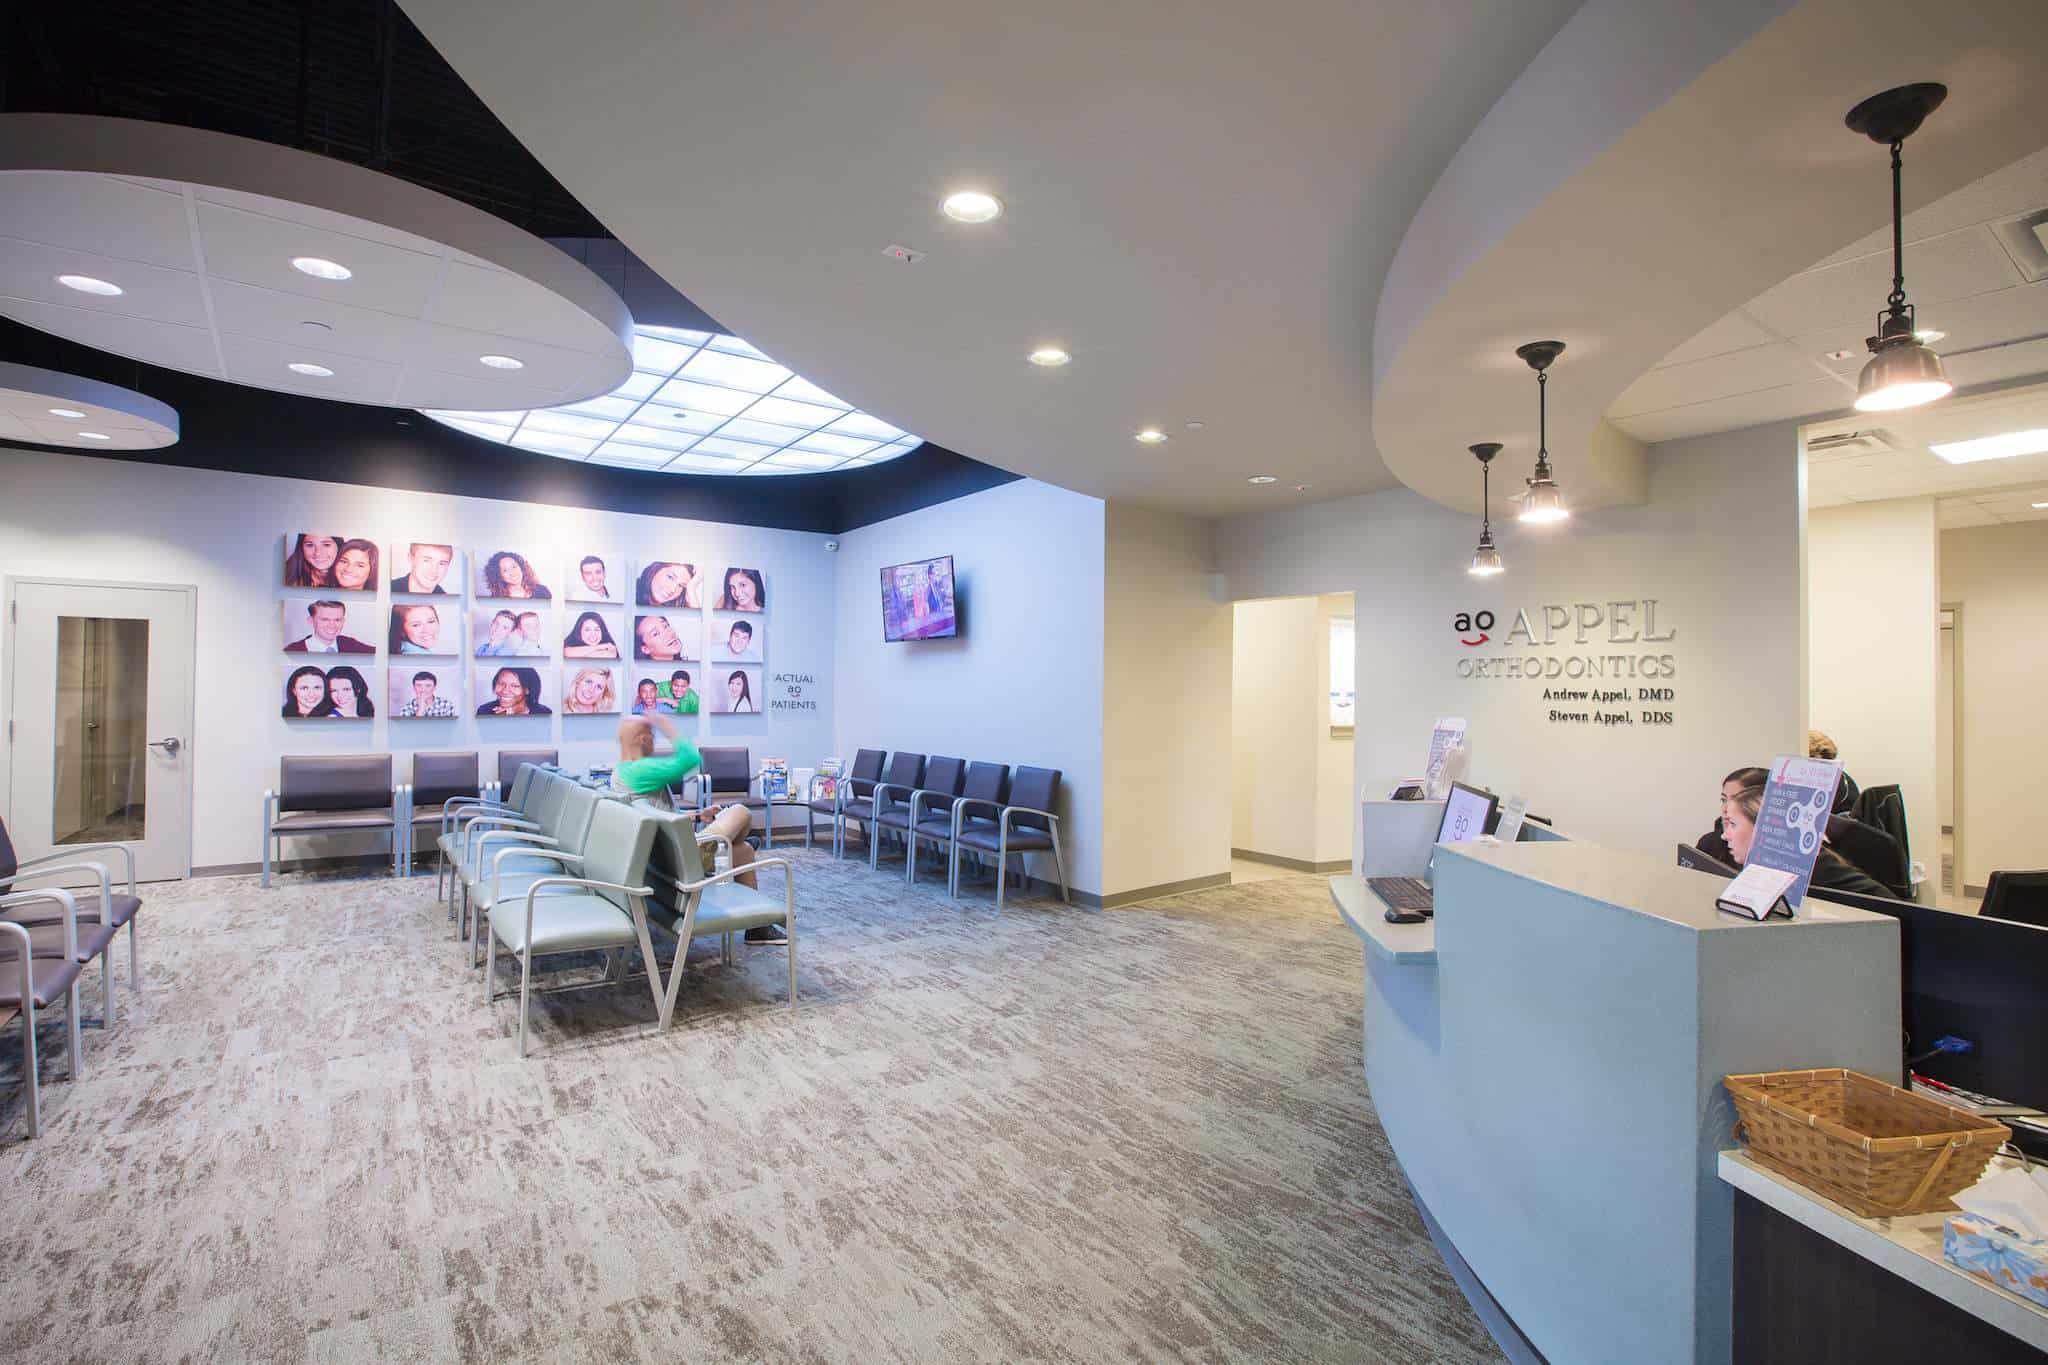 Nuestras oficinas ortodoncista en Filadelfia, Pensilvania - Appel-9334